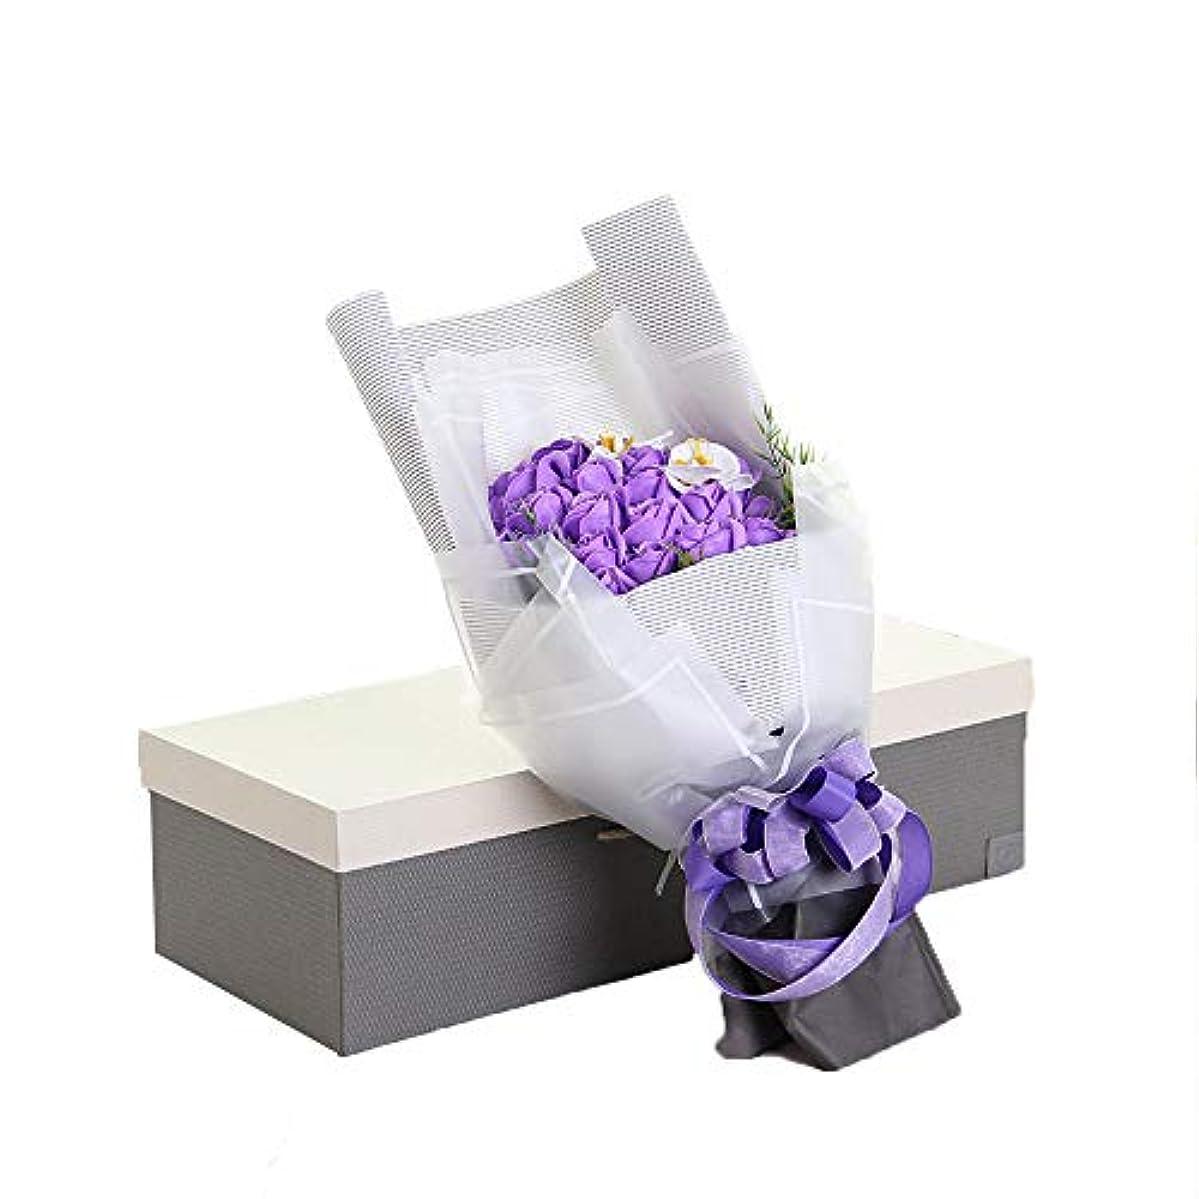 朝食を食べる郡コンピューターを使用する手作り29石鹸花の花束ギフトボックス、女性のためのギフトバレンタインデー、母の日、結婚式、クリスマス、誕生日(ベアカラーランダム) (色 : 紫の)